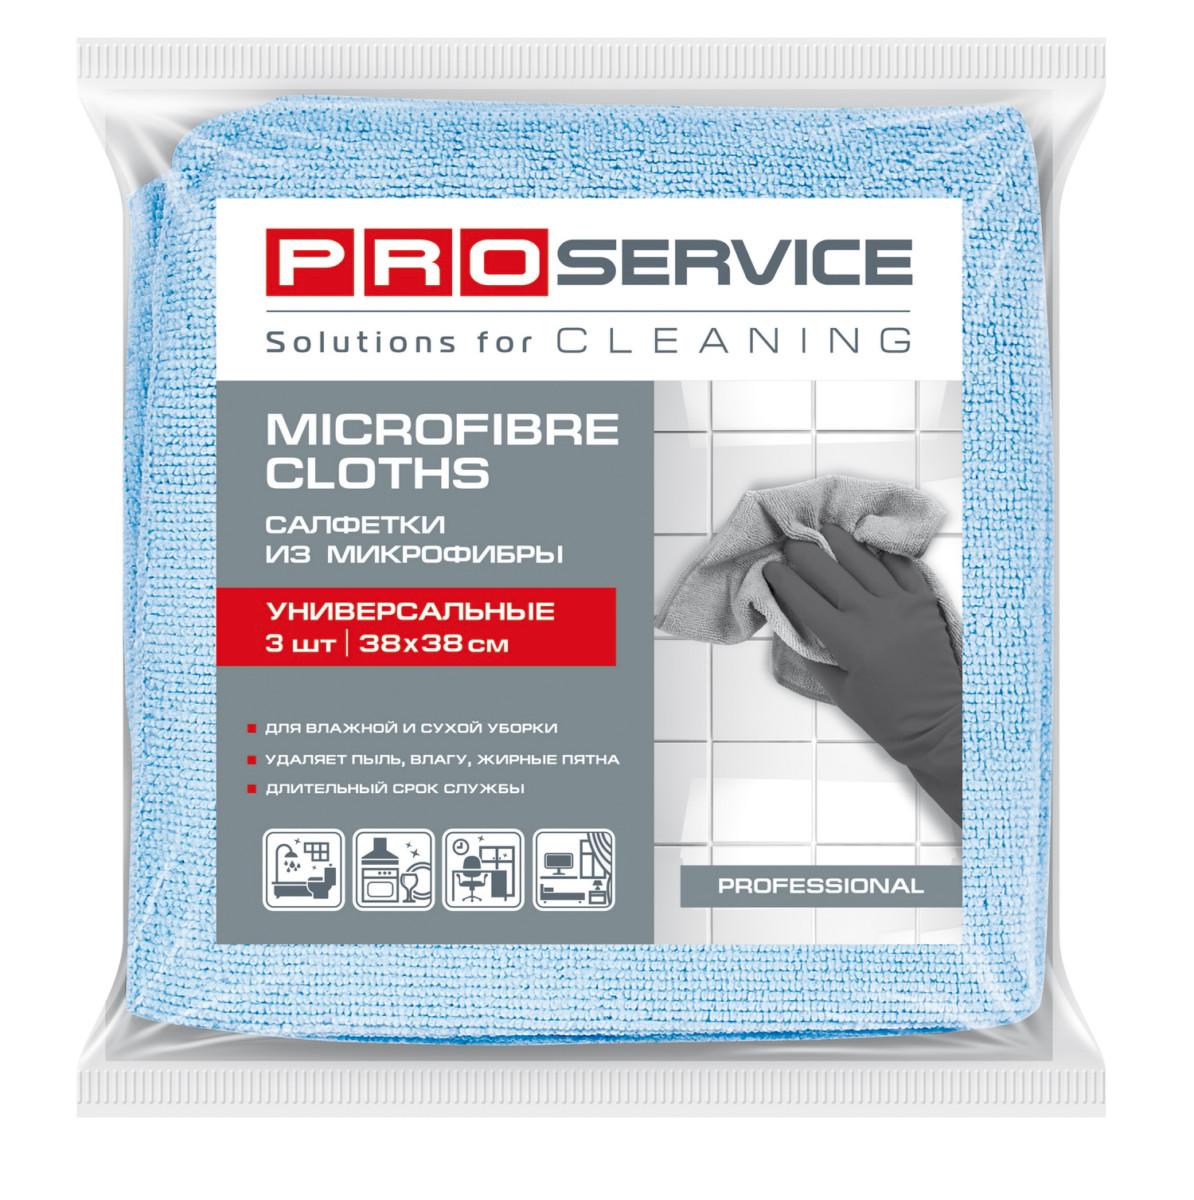 Серветки з мікрофібри PRO service Professional сині, 3 шт- Фото - Biosphere